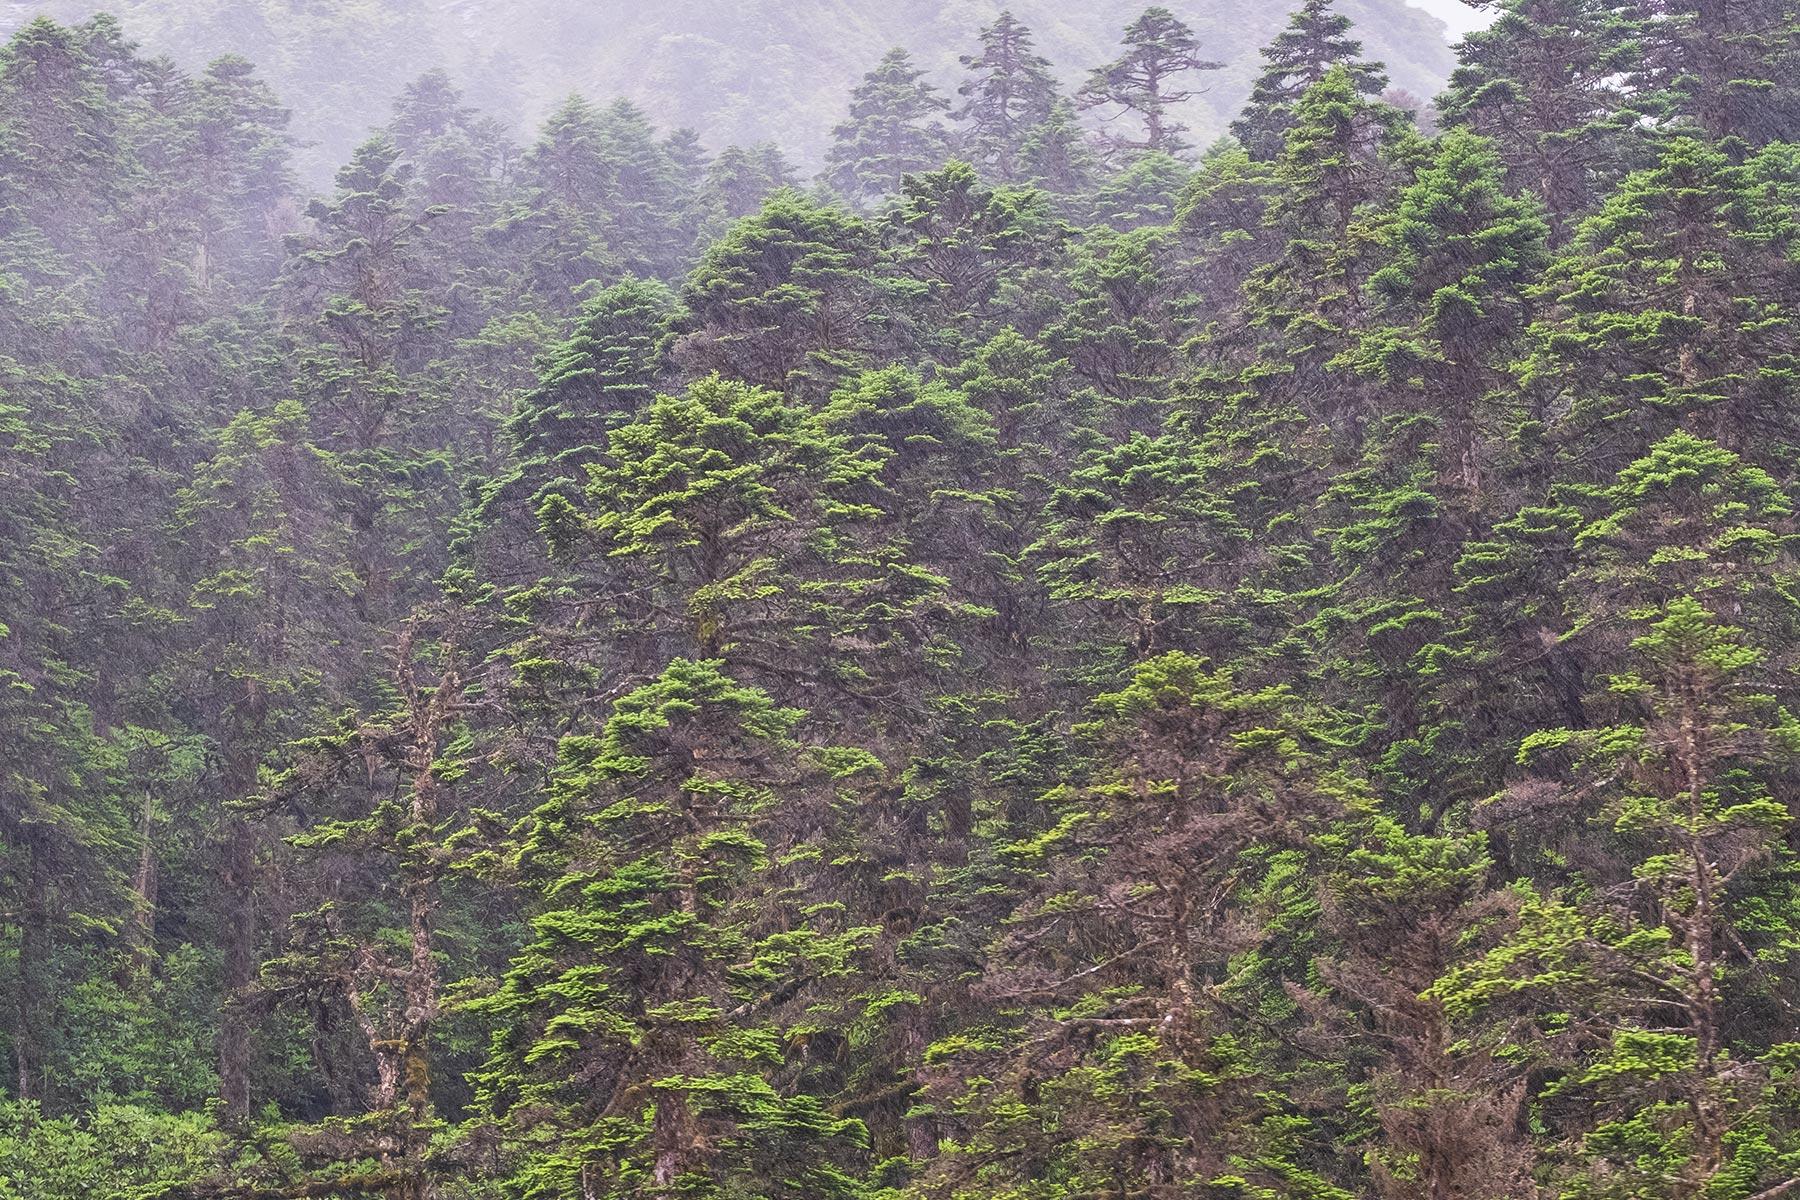 Regen im Wald im Vogel im Hailuogou Gletscher Park in Sichuan